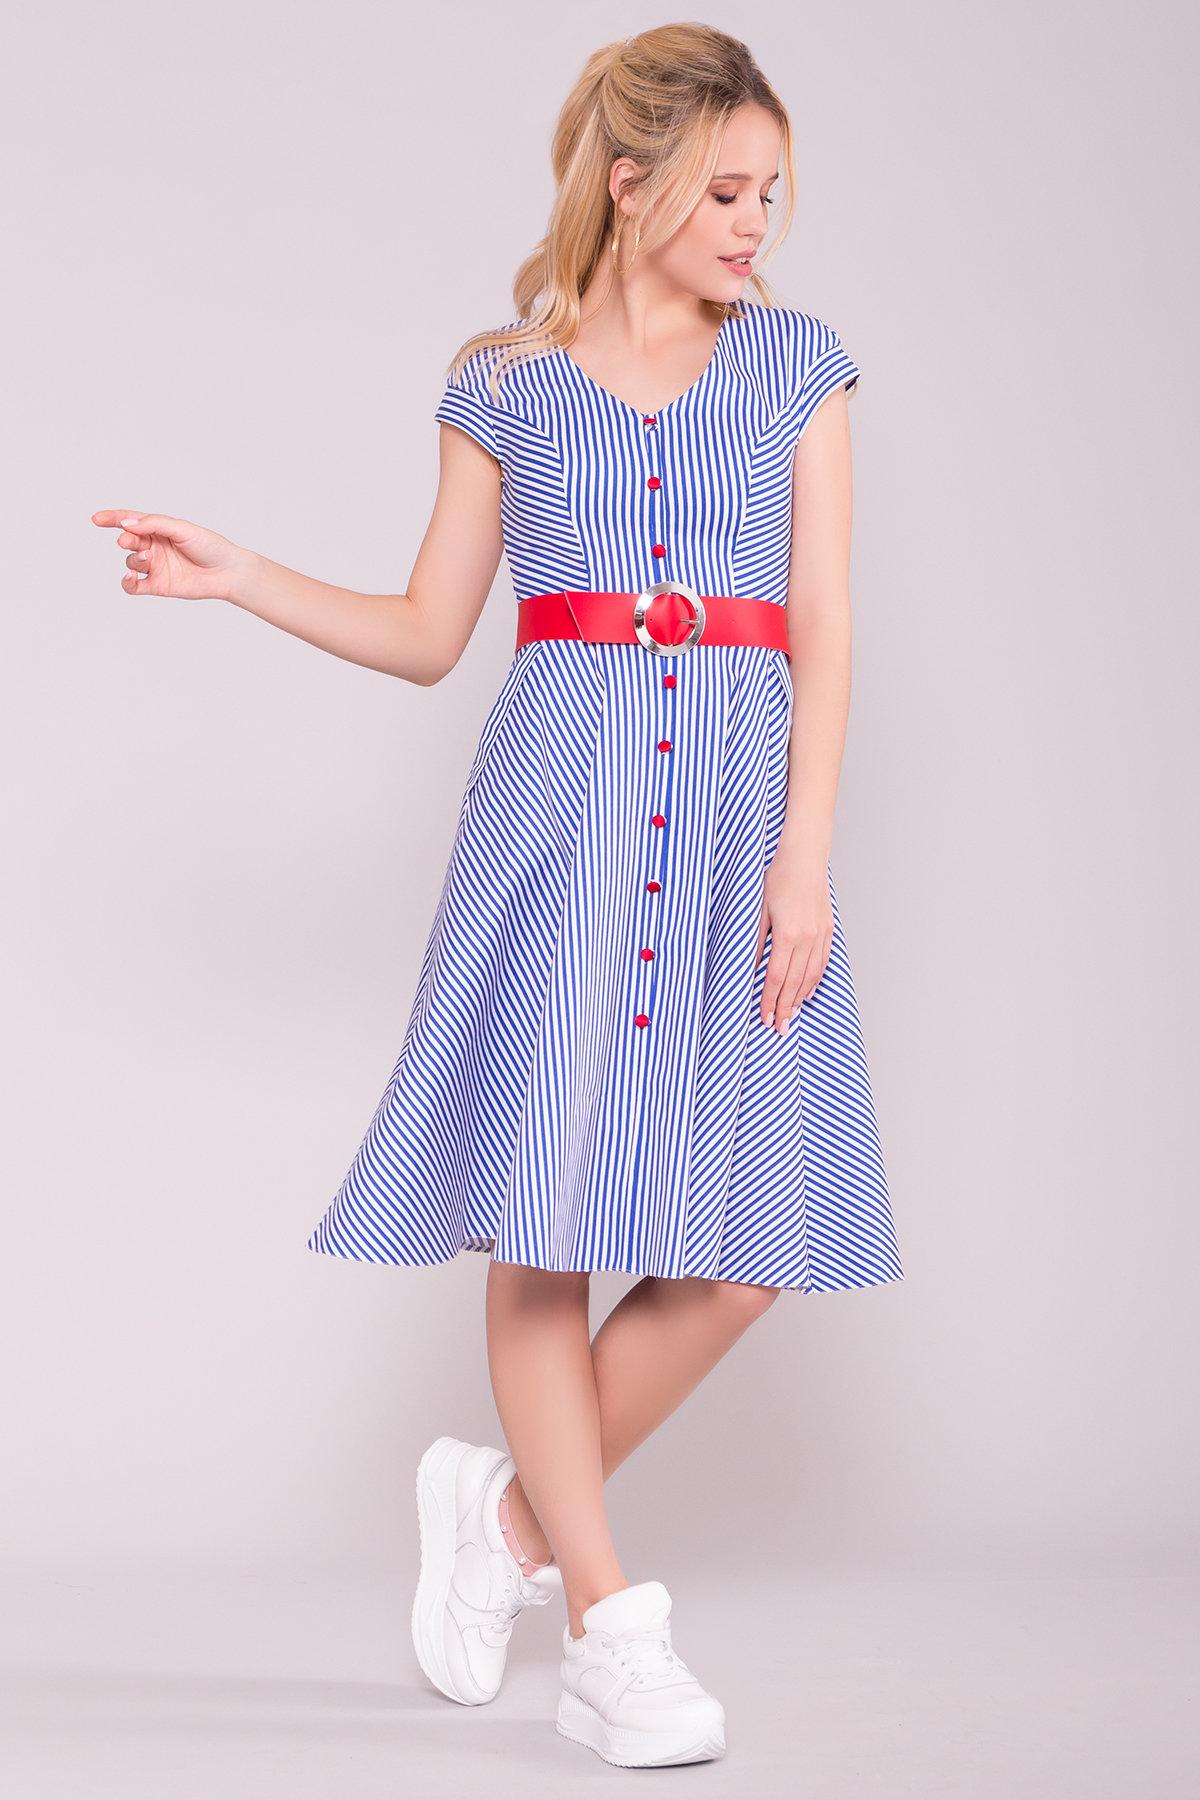 Платье Лама 7342 Цвет: Белый/синий полосатый